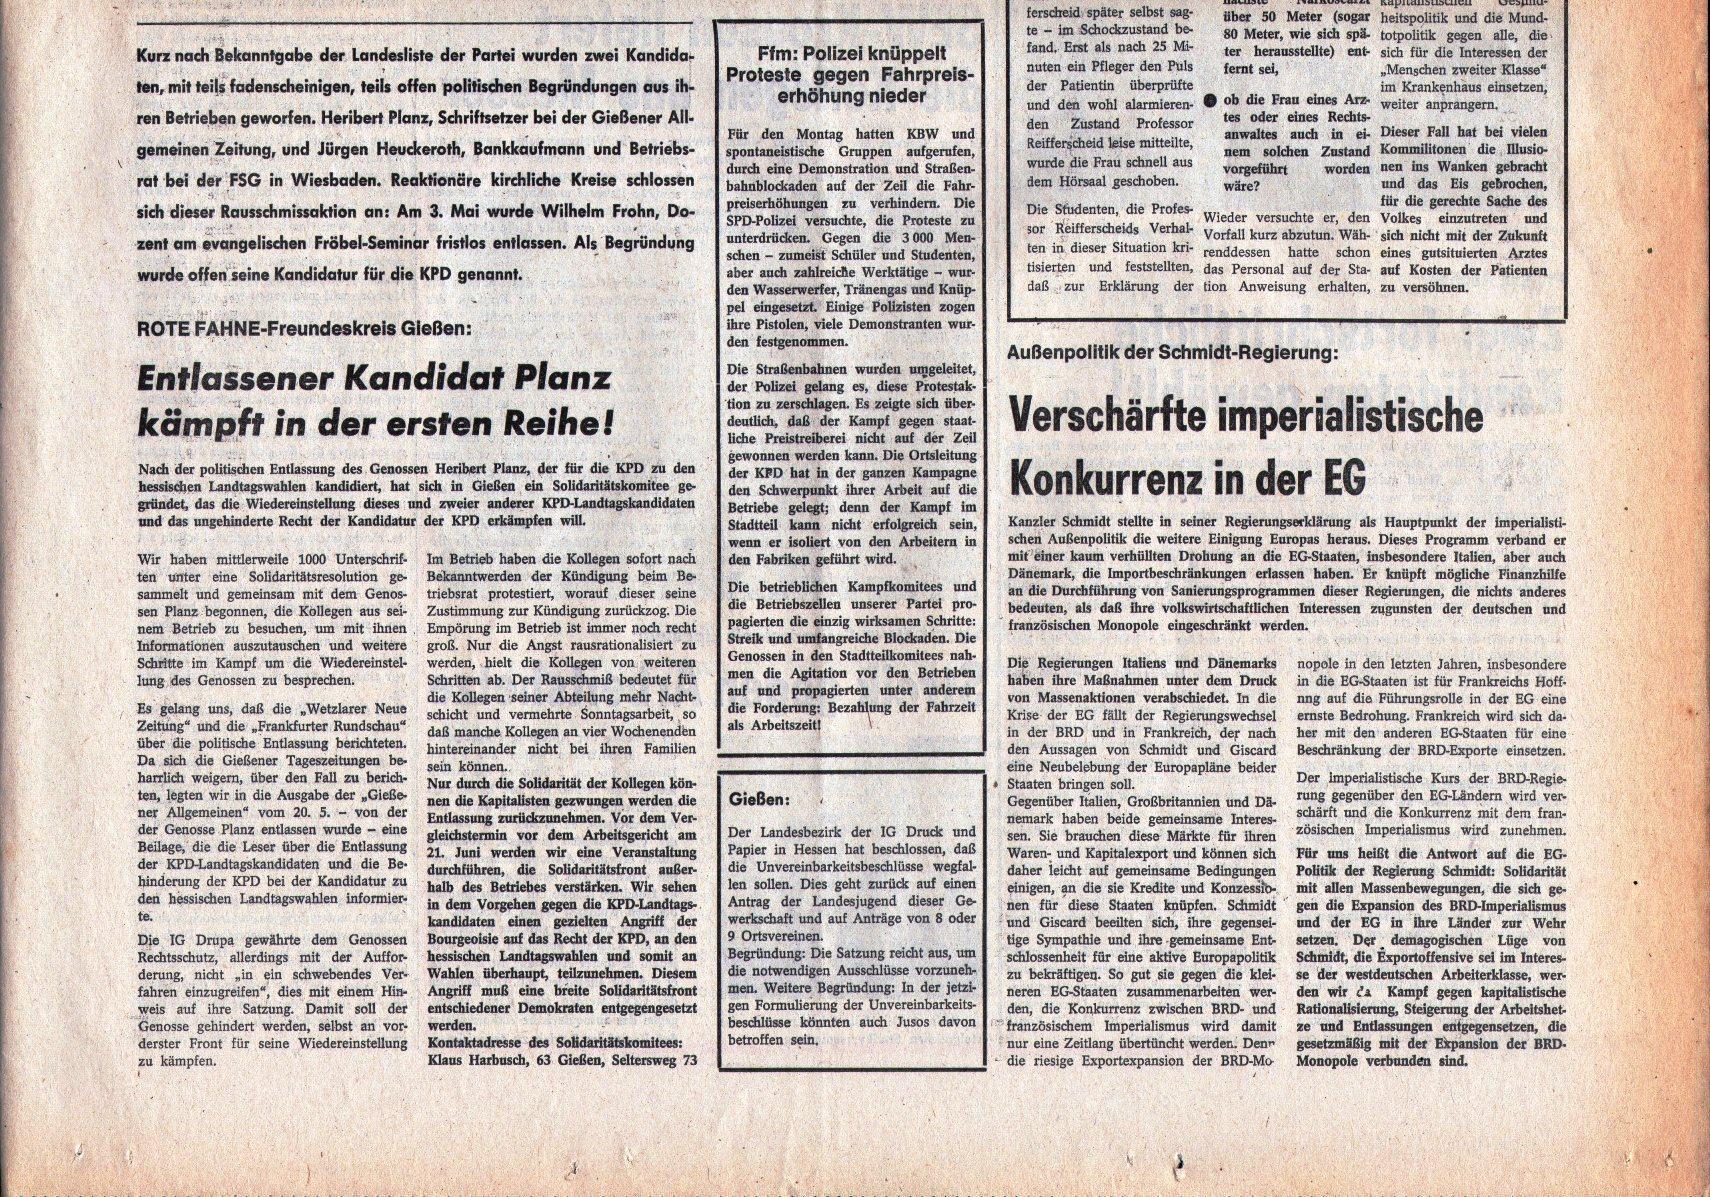 KPD_Rote_Fahne_1974_22_06